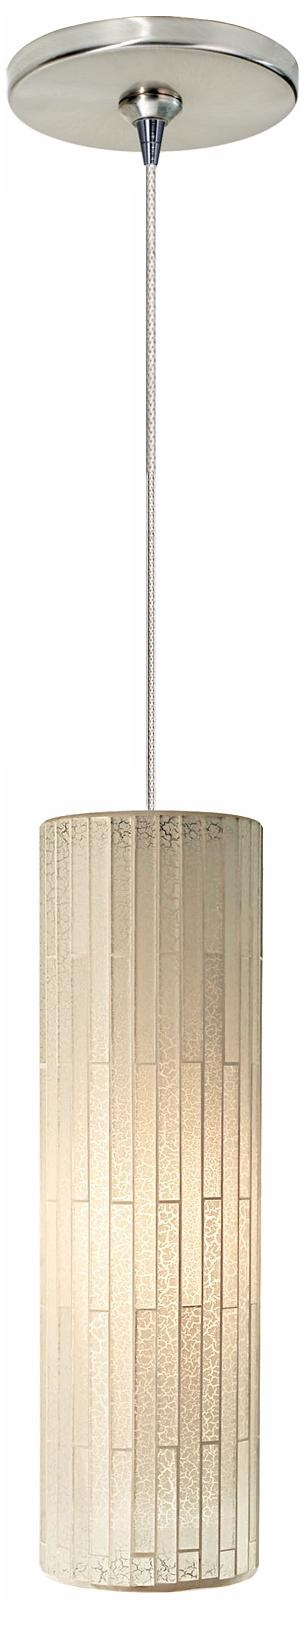 54 best home lighting images on pinterest mini pendant lights